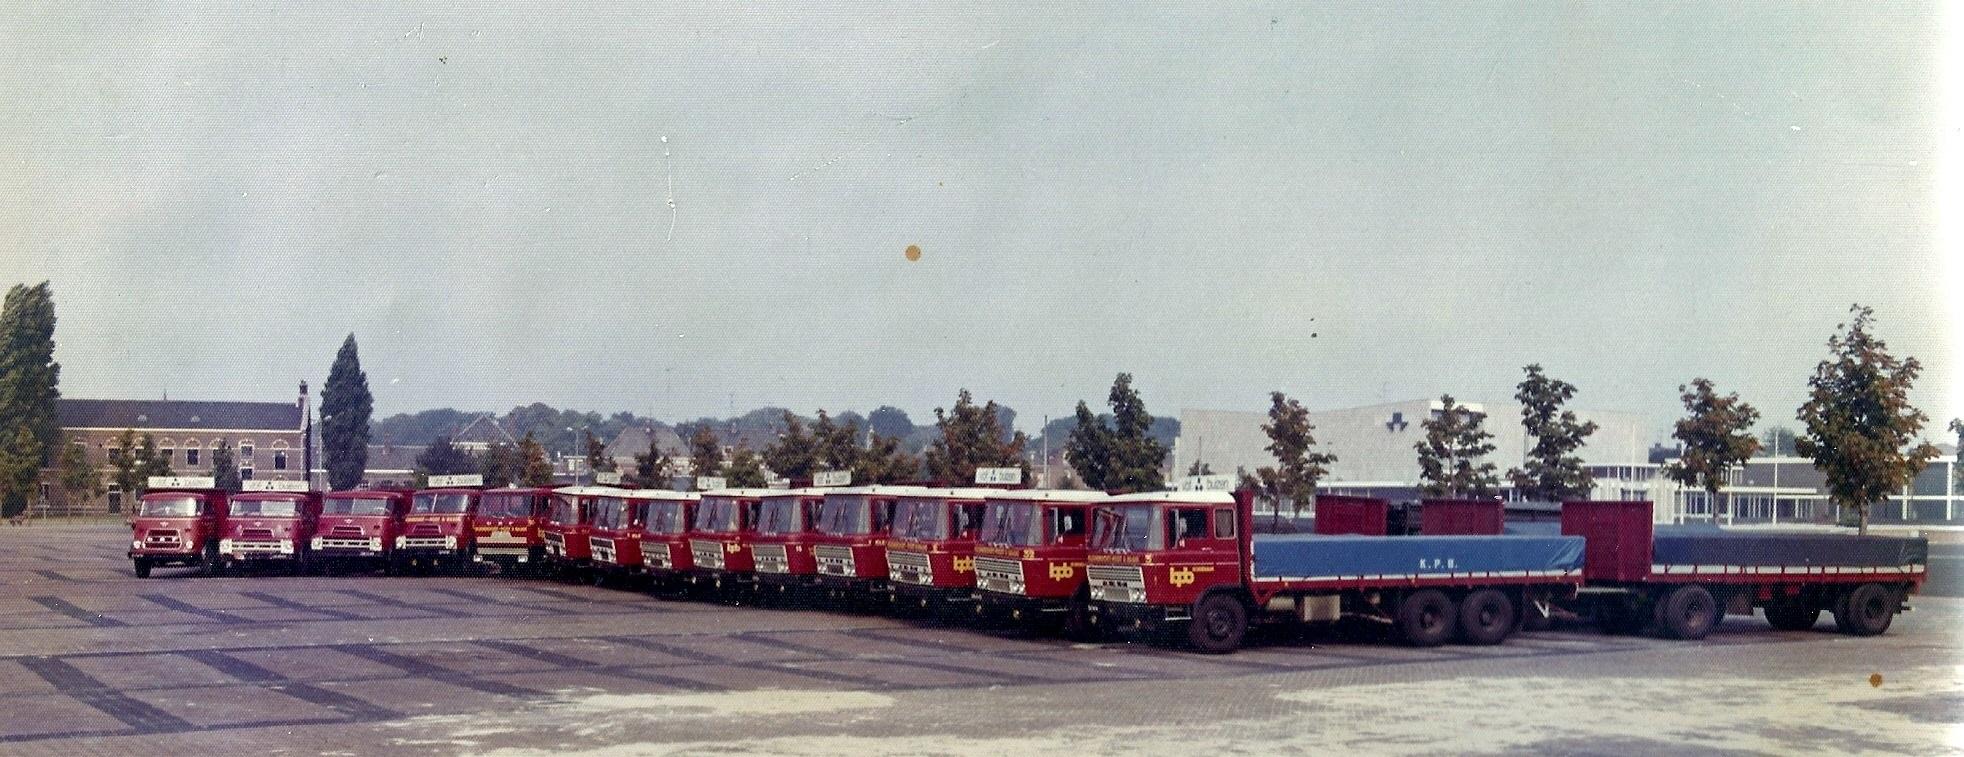 oosterhout-1970